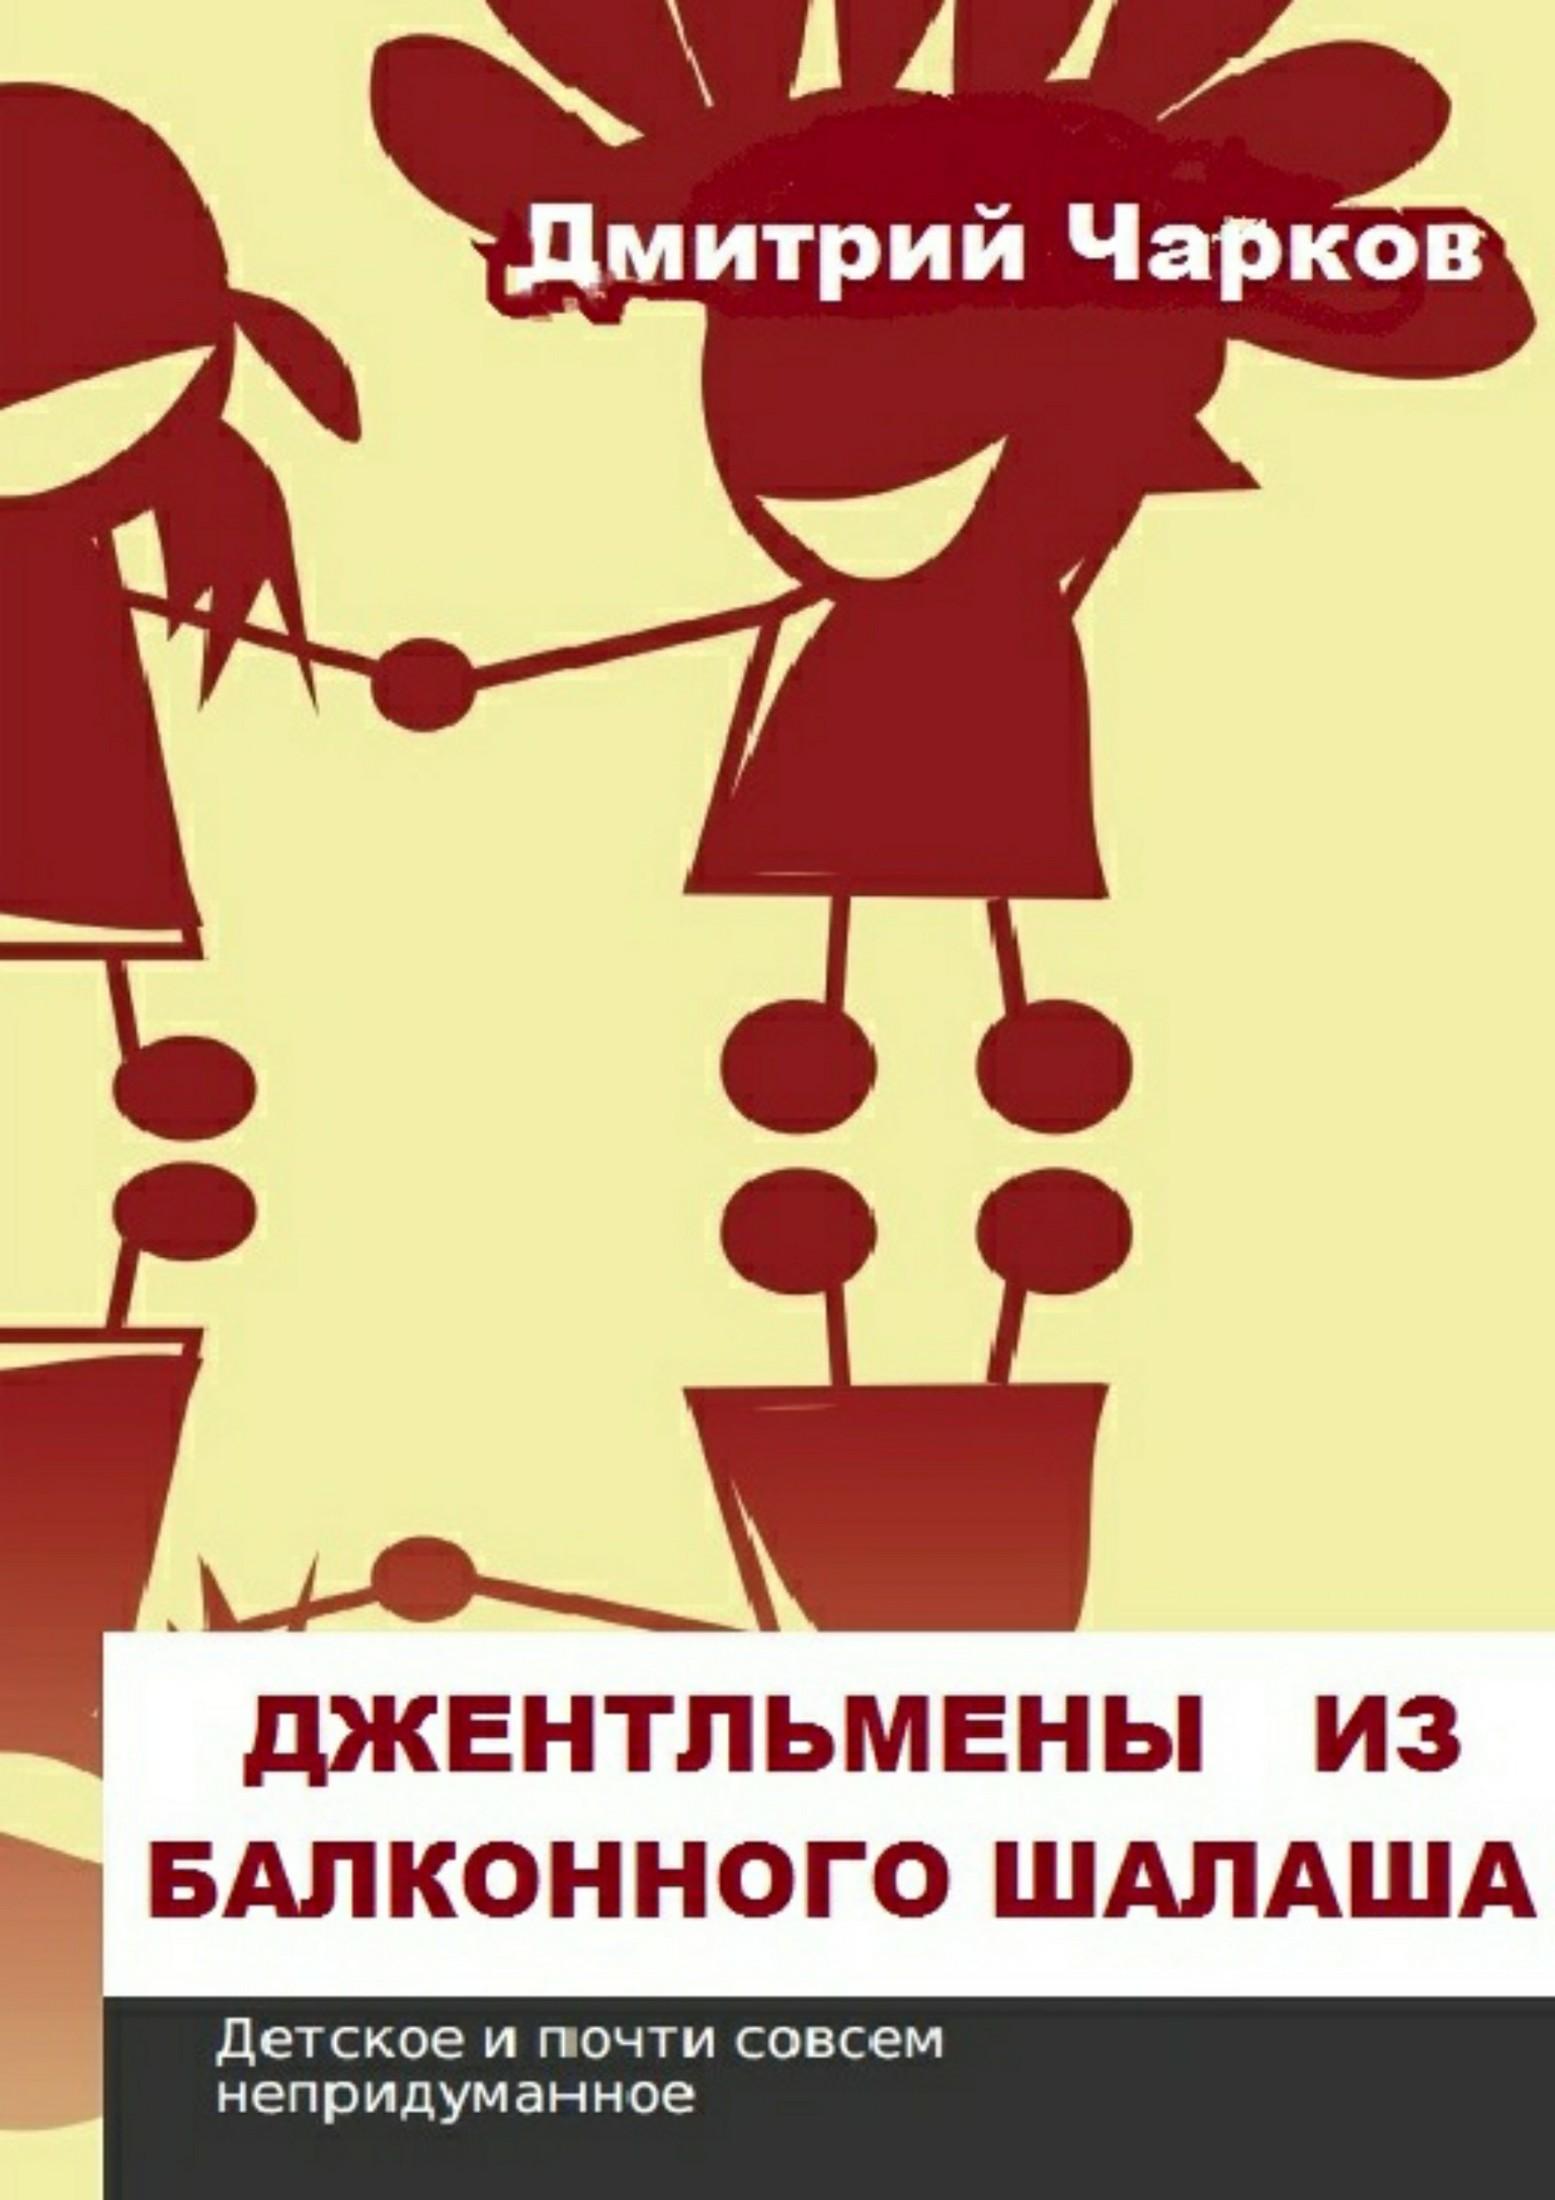 Дмитрий Чарков Джентльмены из балконного шалаша